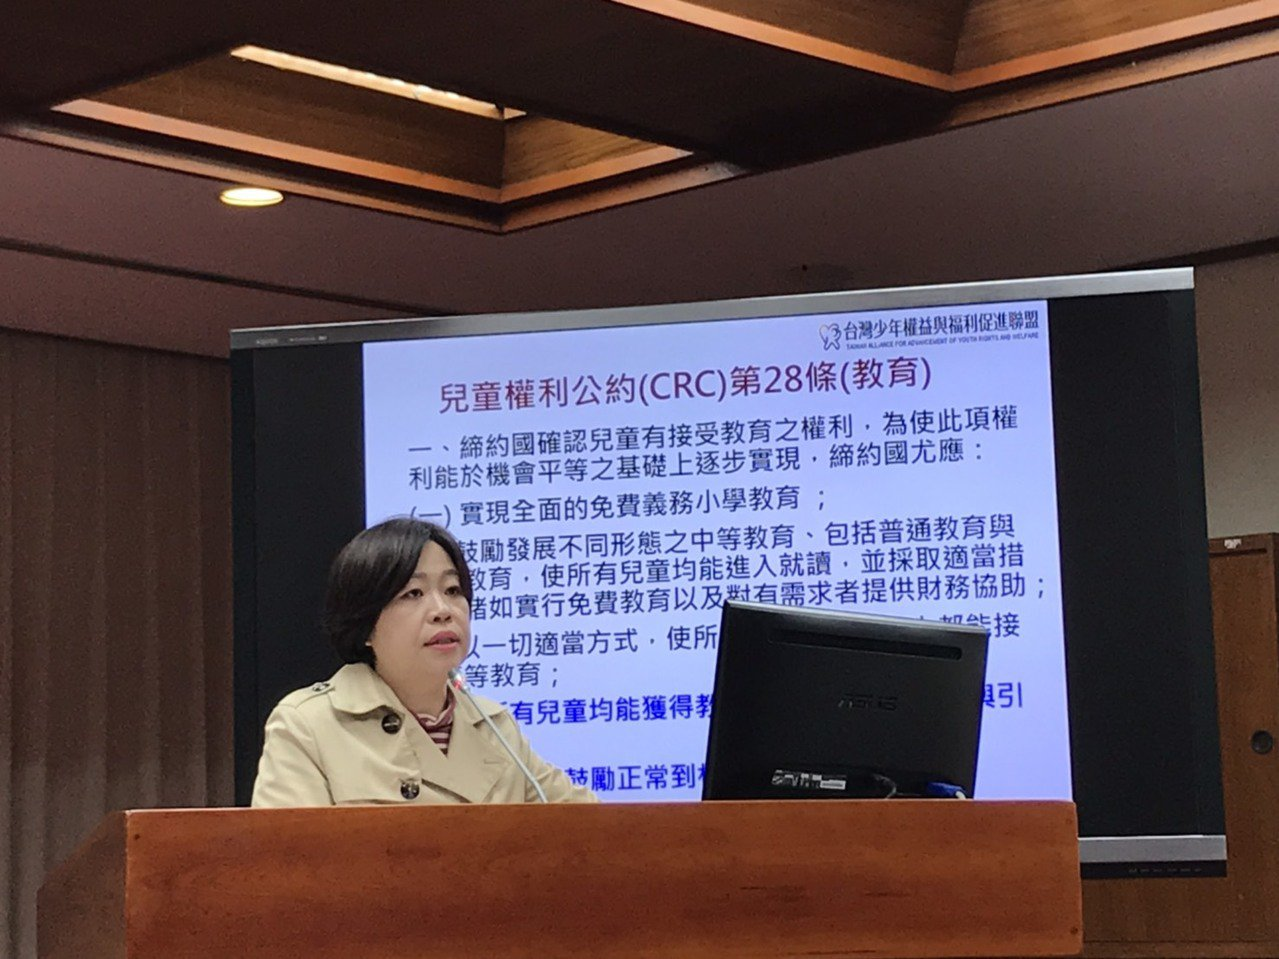 台灣少年權益與福利促進聯盟秘書長葉大華出席立法院中介教育公聽會。記者潘乃欣/攝影